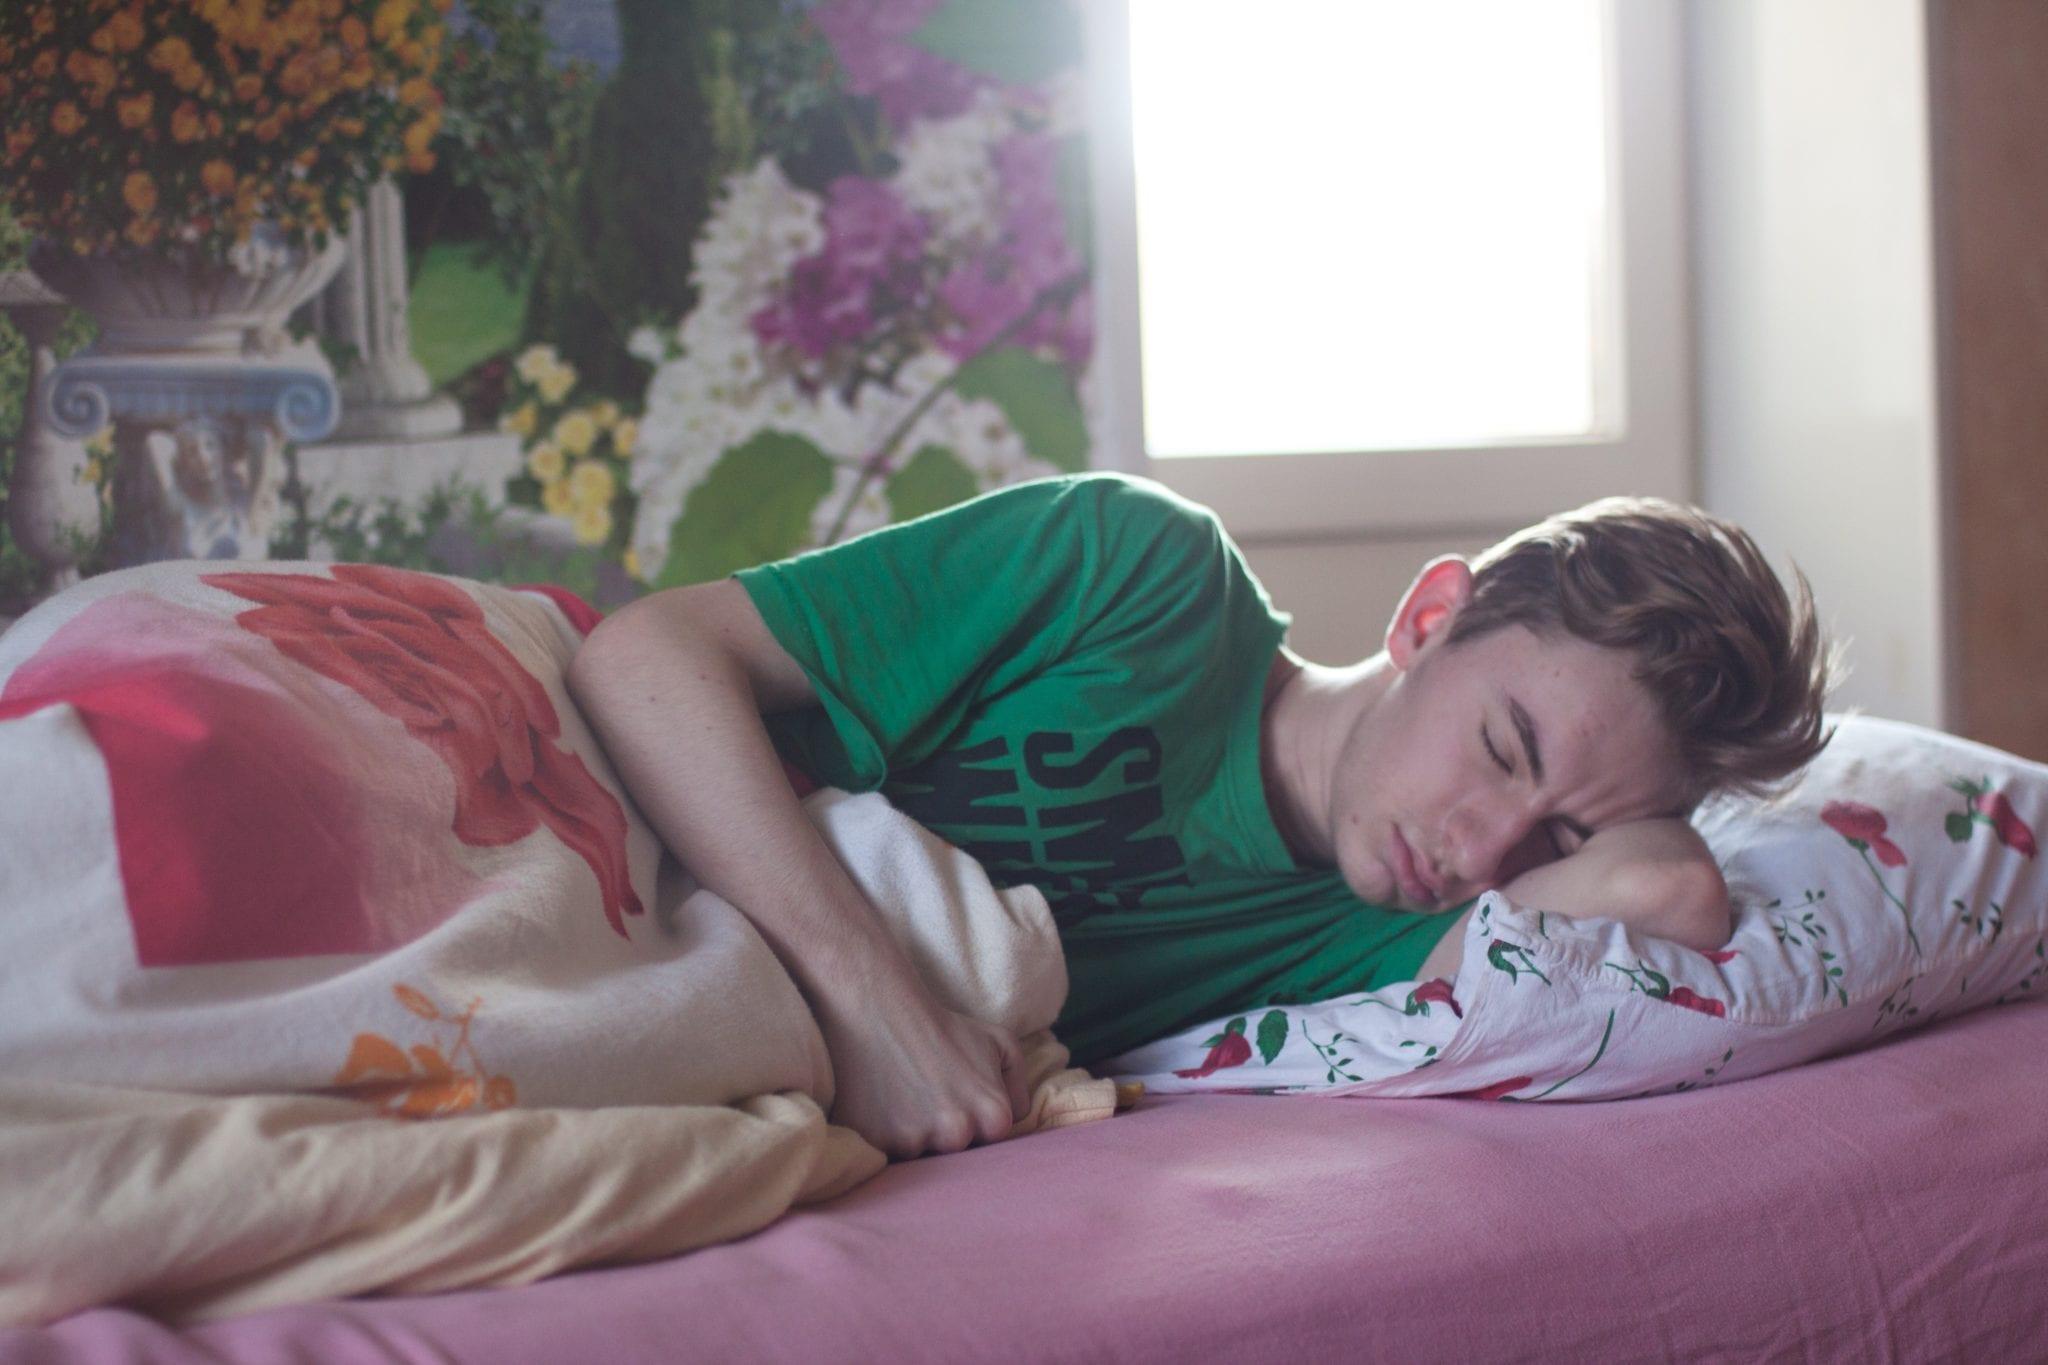 วิธีแก้อาการนอนไม่หลับ โรคนอนไม่หลับ อาการนอนไม่หลับ ร่างกายอ่อนเพลีย